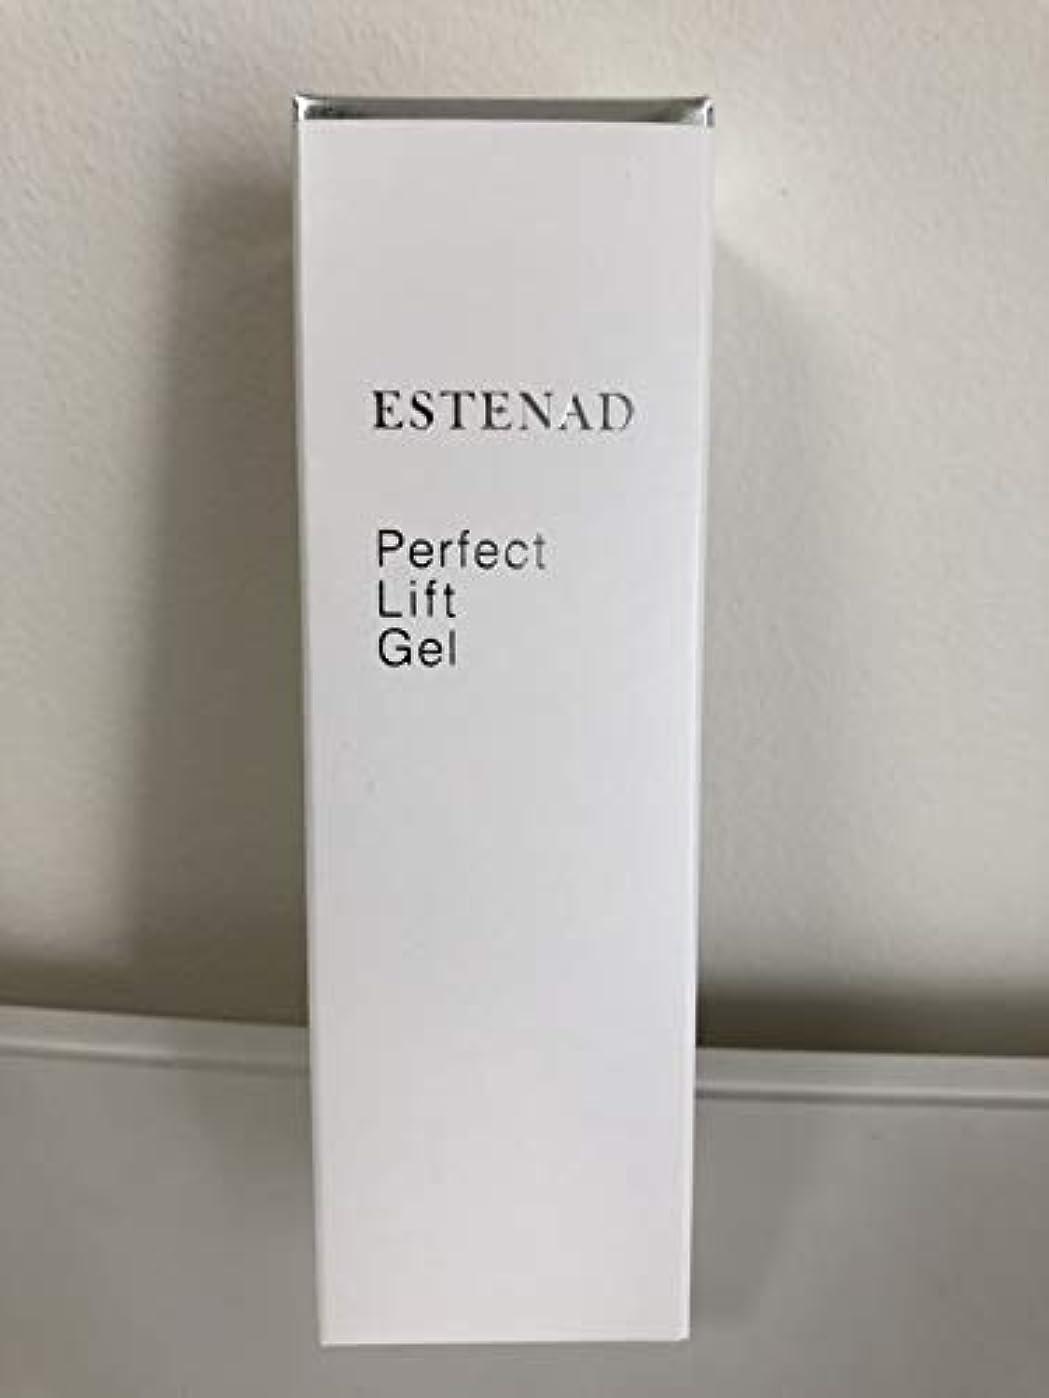 ジレンマ出席簡単にエステナード パーフェクトリフトジェル 美容液ジェル 80g